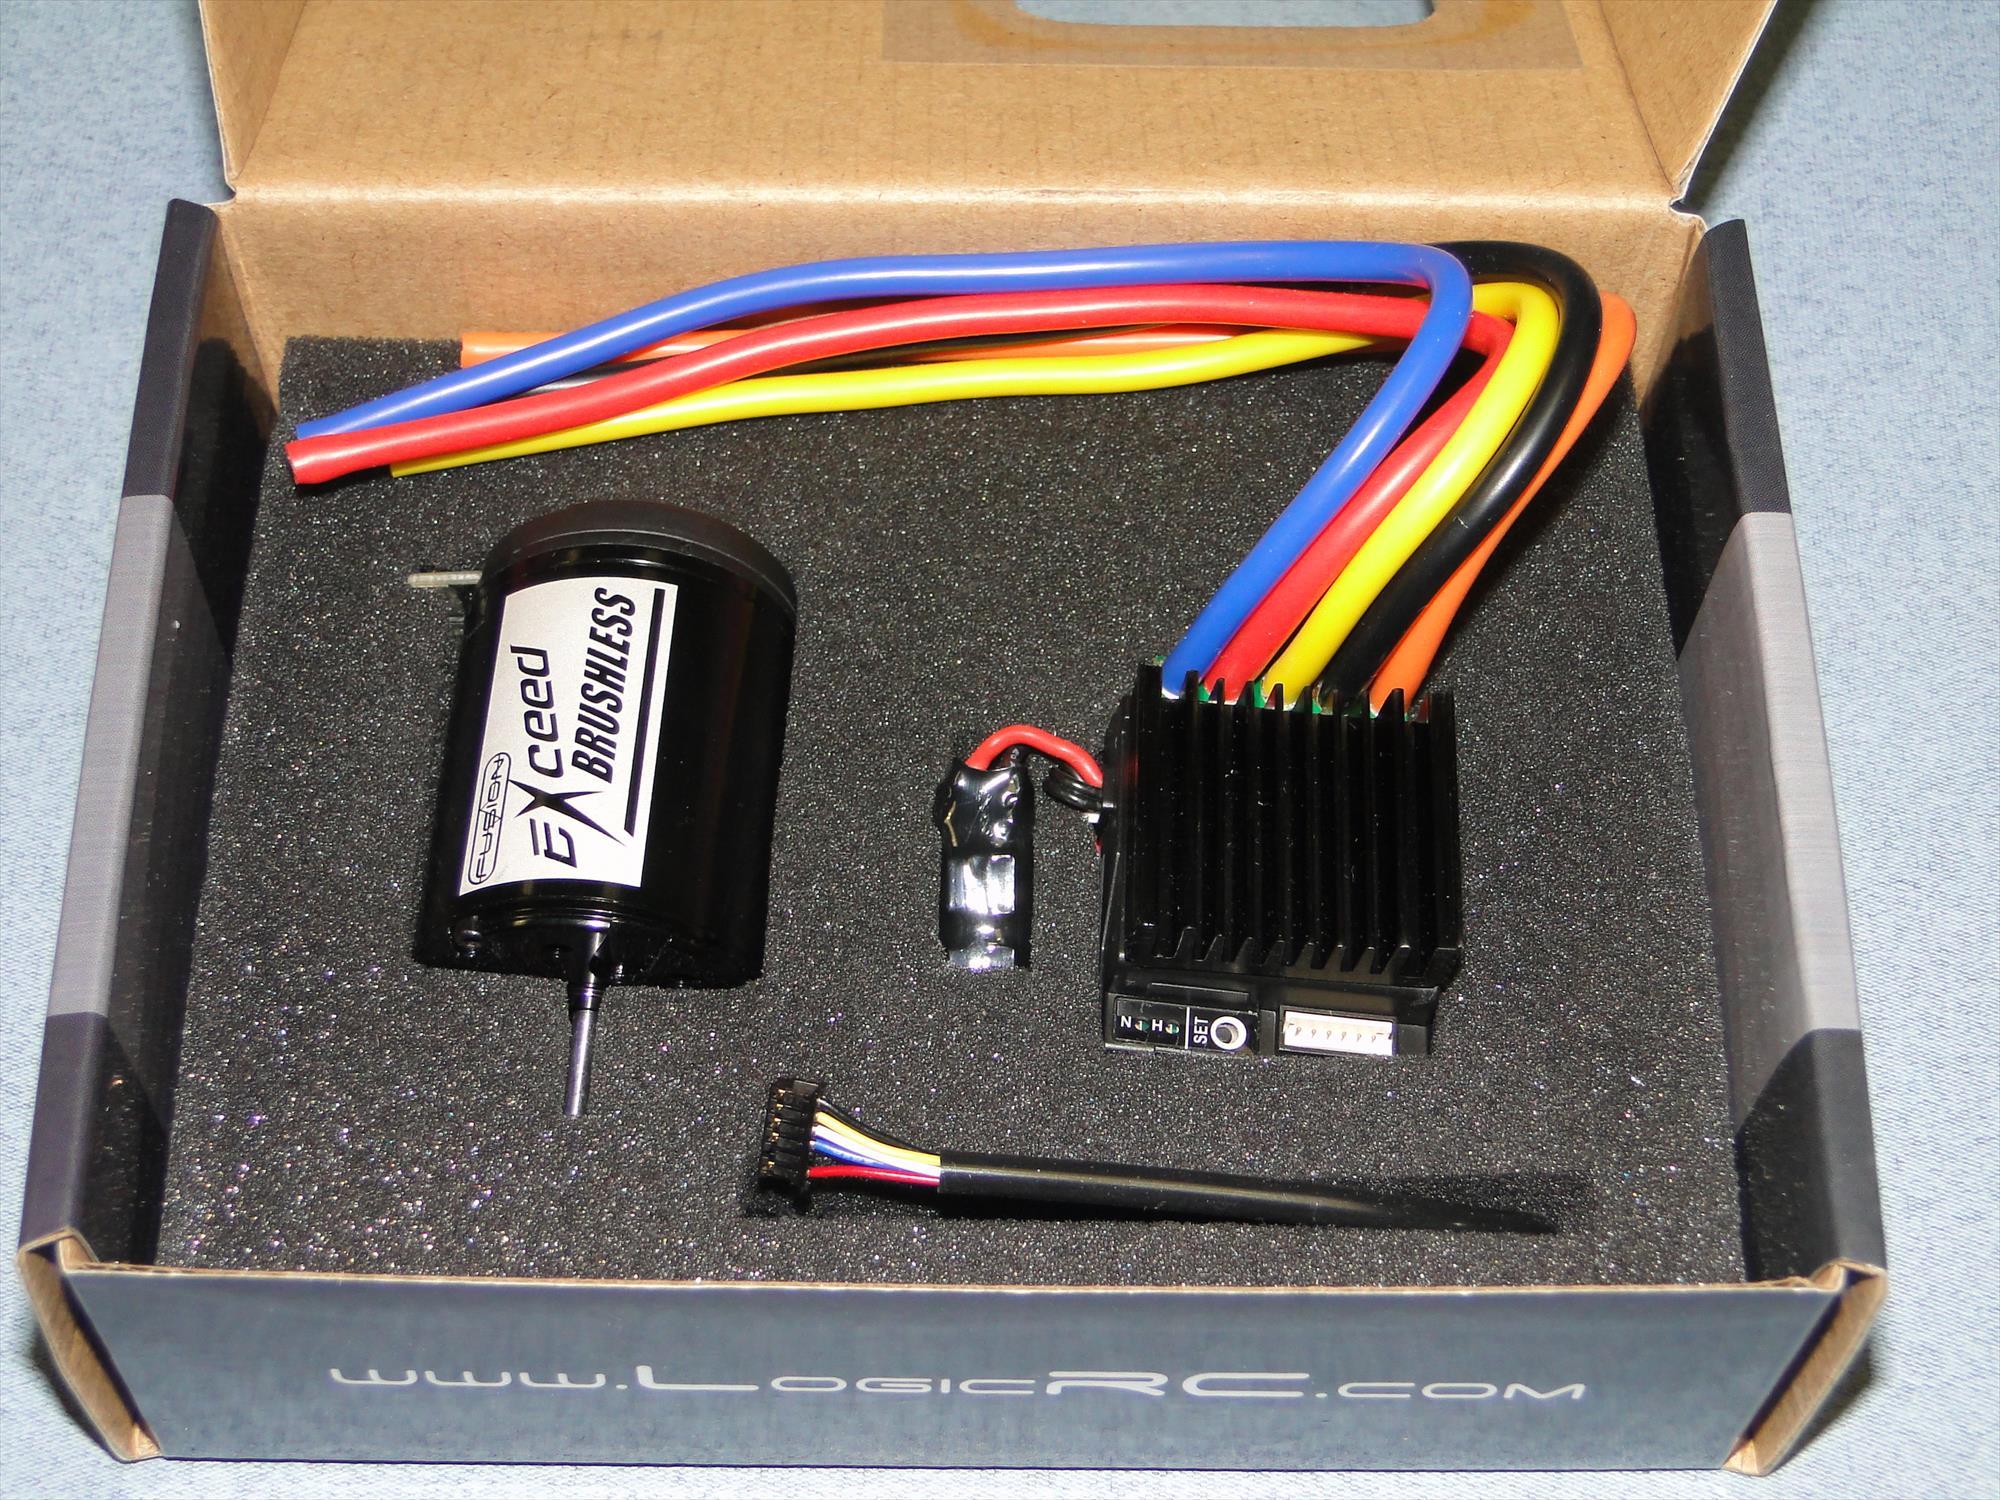 power a fusion controller manual